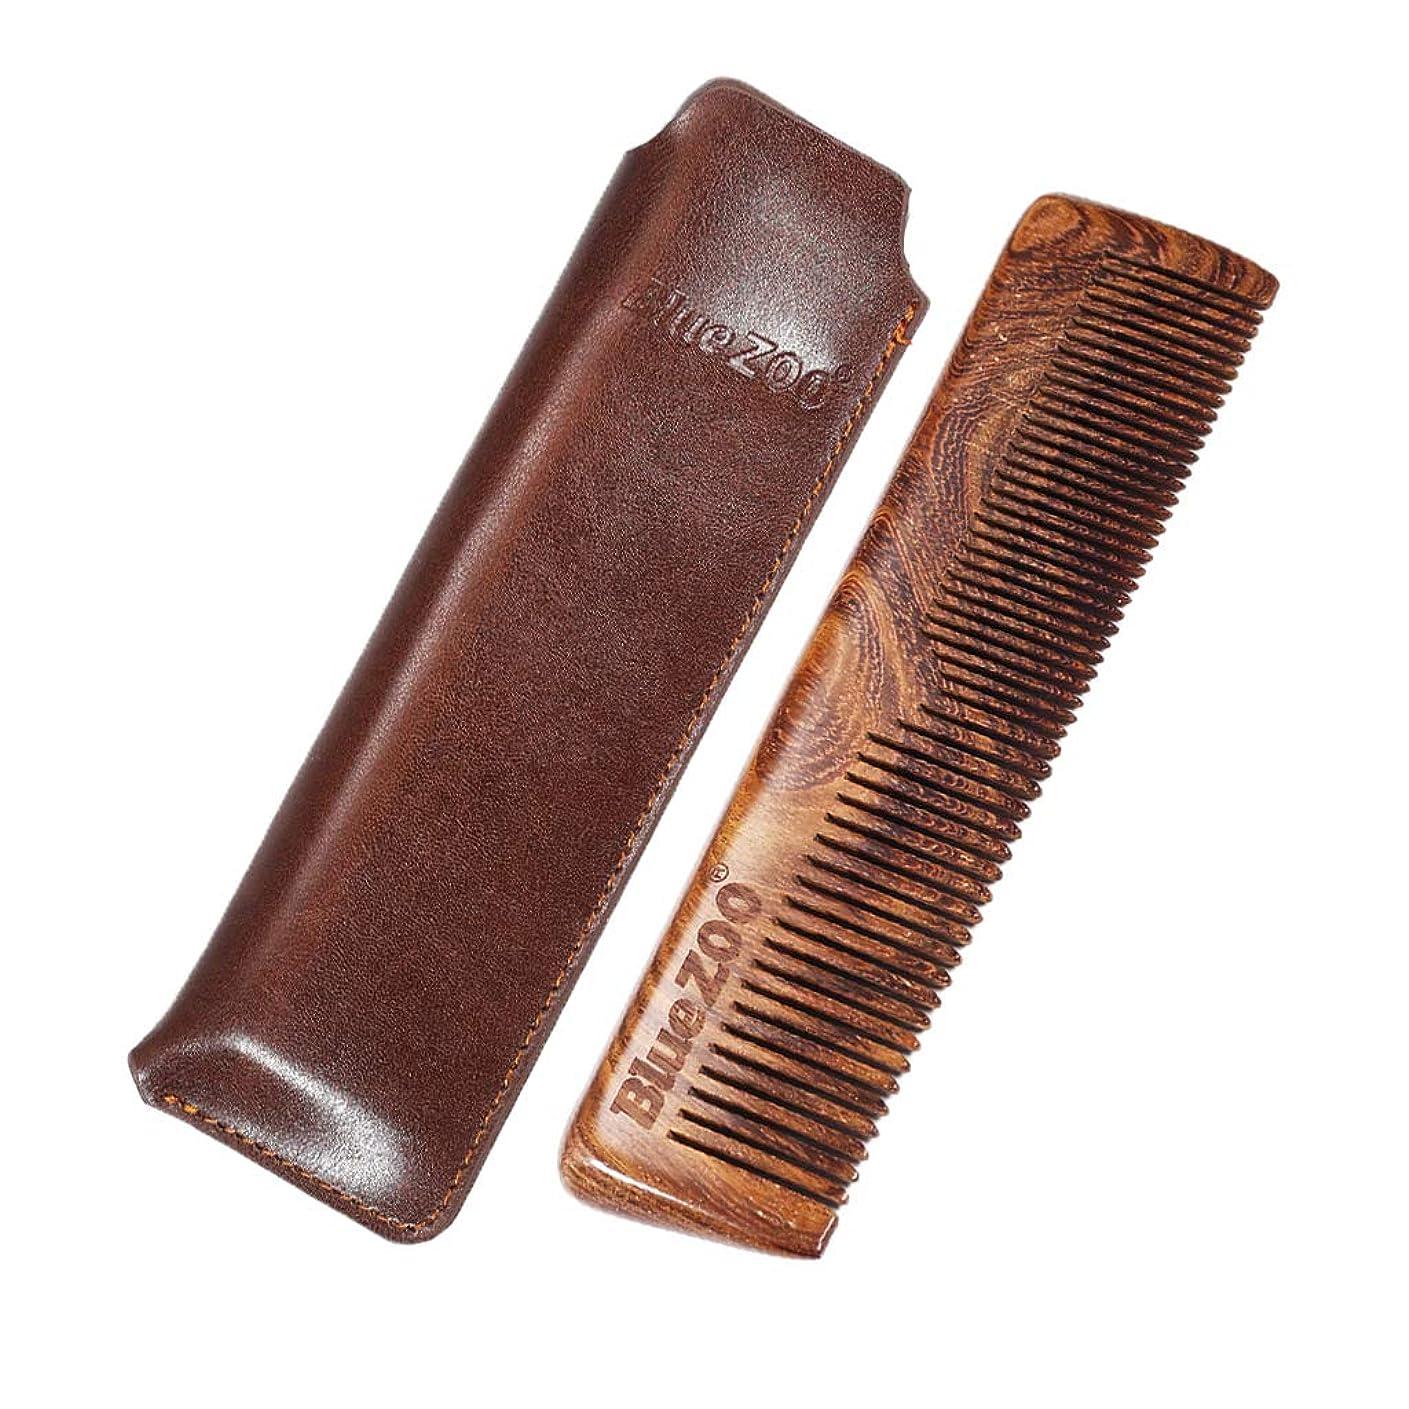 震え骨ヘルメットF Fityle 木製 ひげ櫛 PUバッグ 木製櫛 口ひげ ヘアブラシ 2色選べ - 褐色